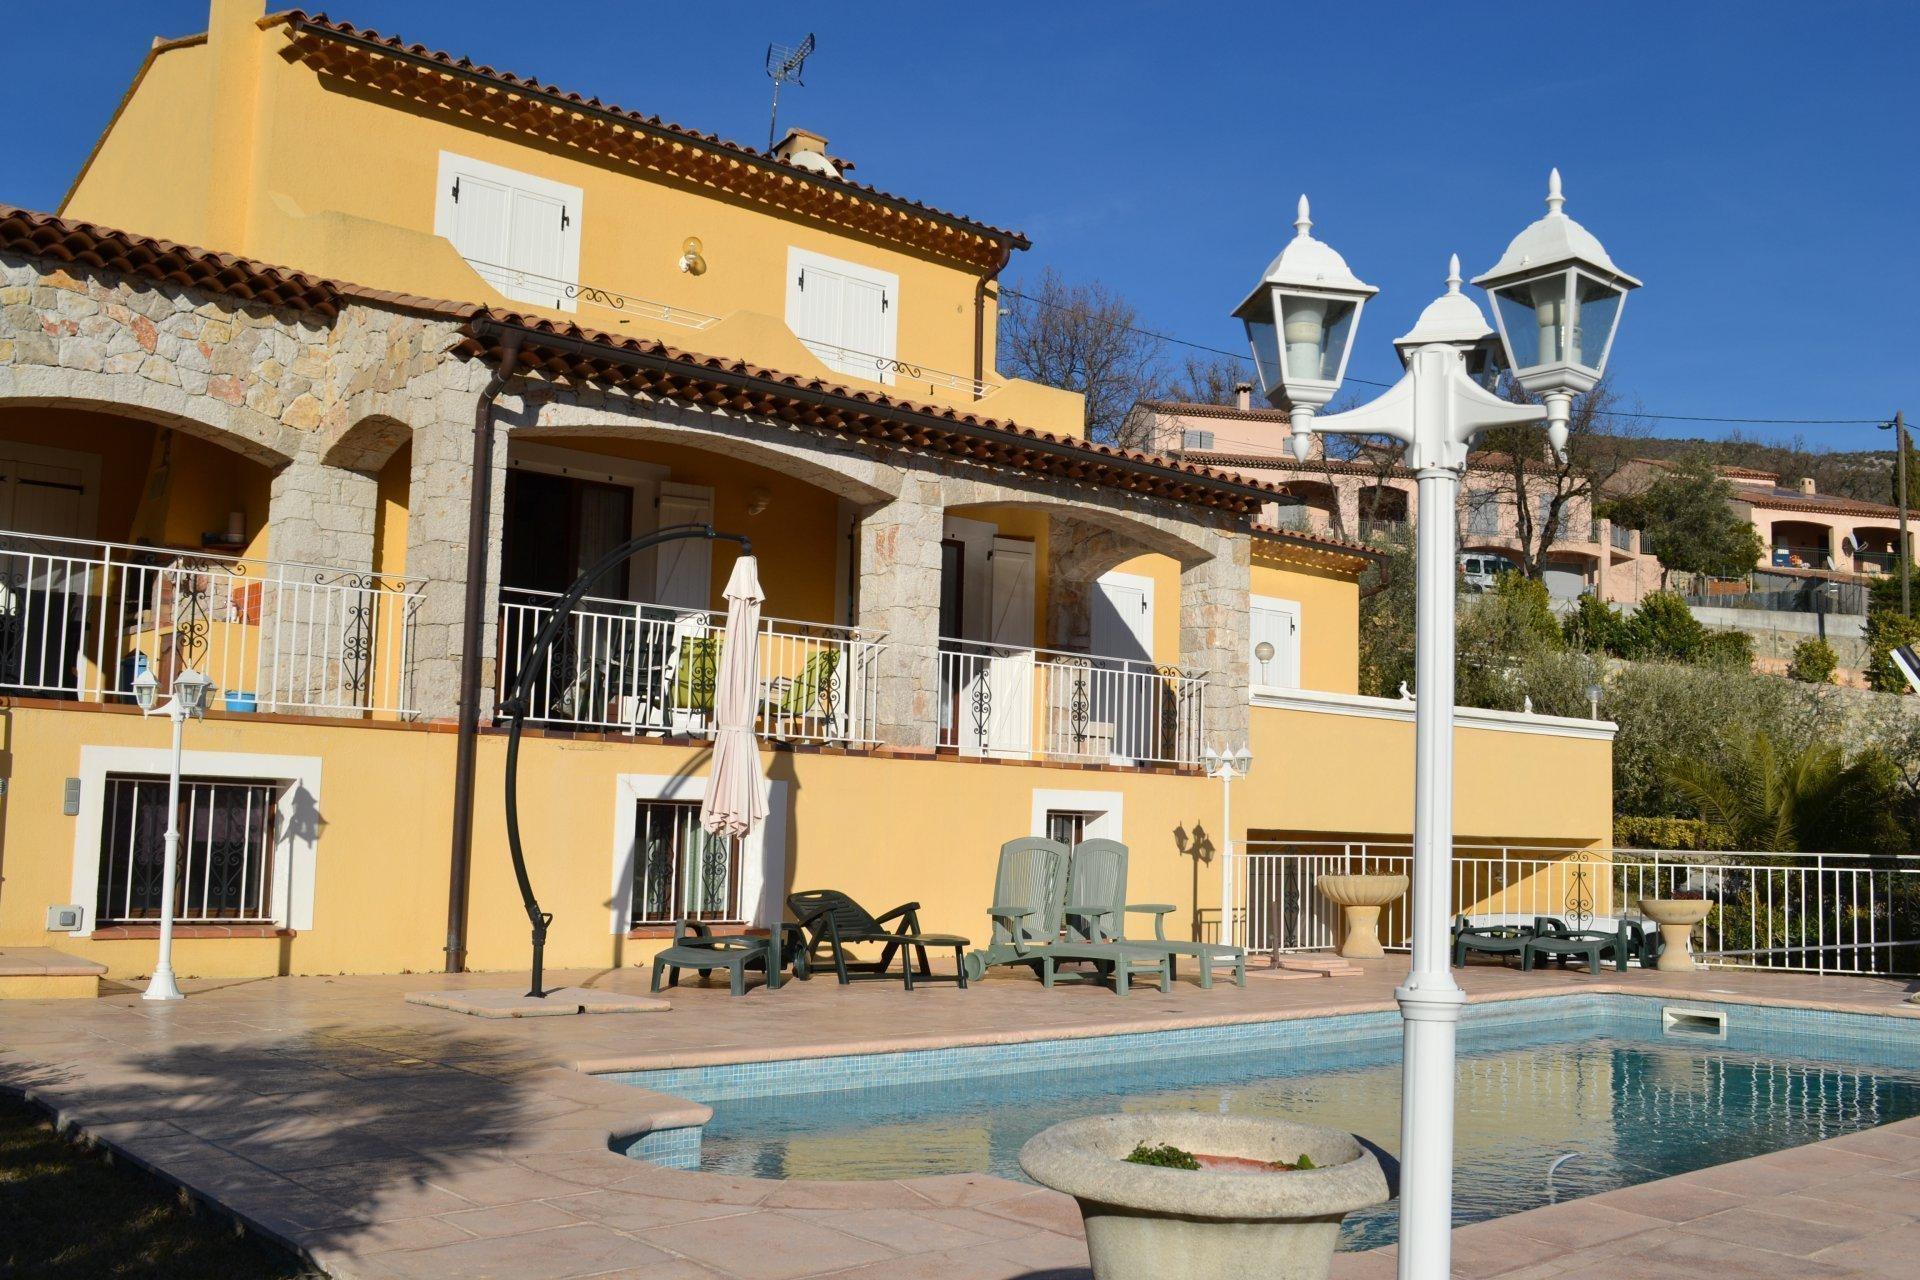 ALPES MARITIMES (06) - TOURETTE LEVENS - Villa piscine